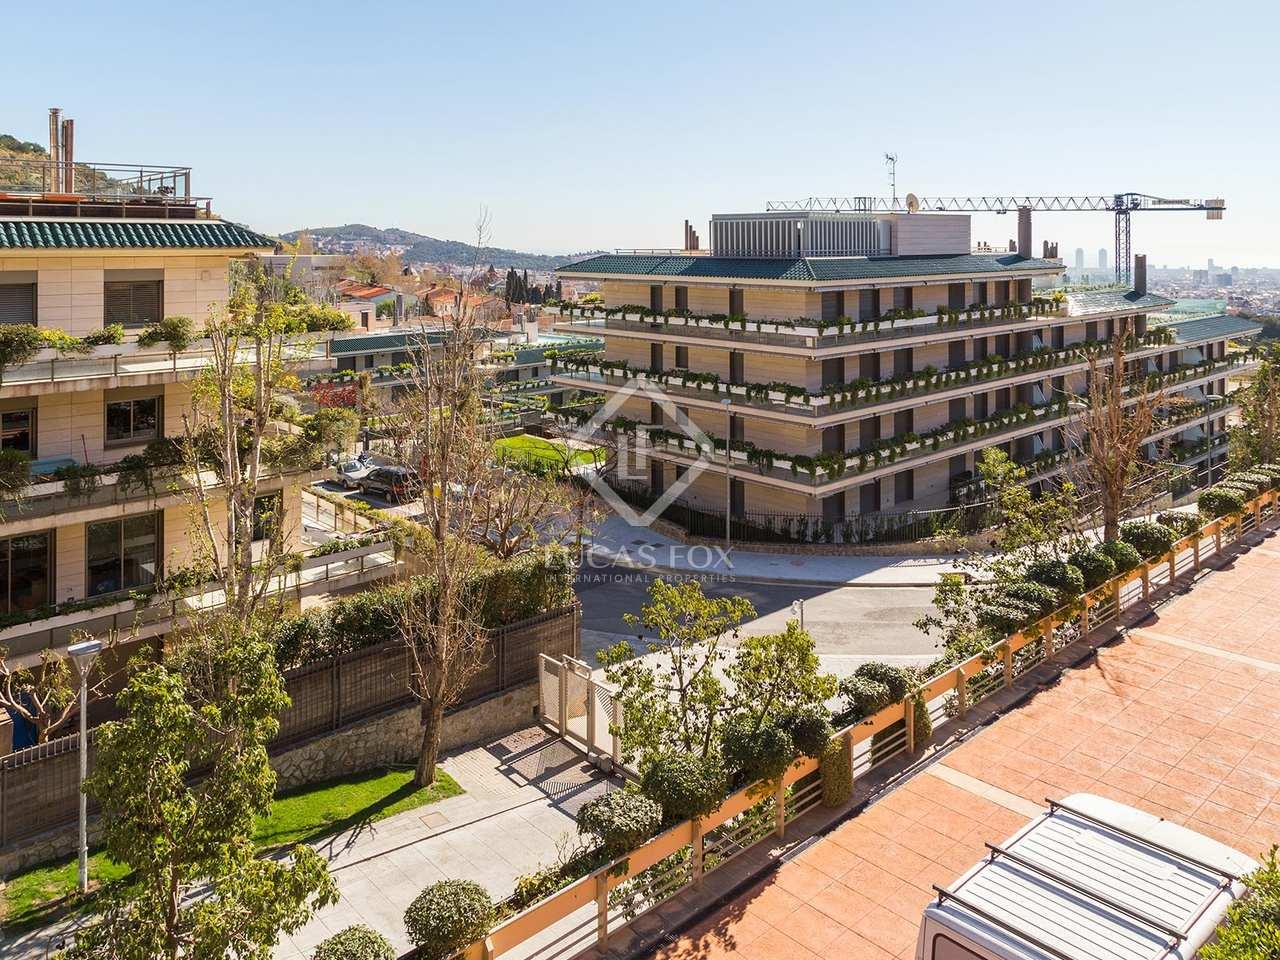 Casa en alquiler en la zona alta de barcelona for Casa alquiler barcelona jardin